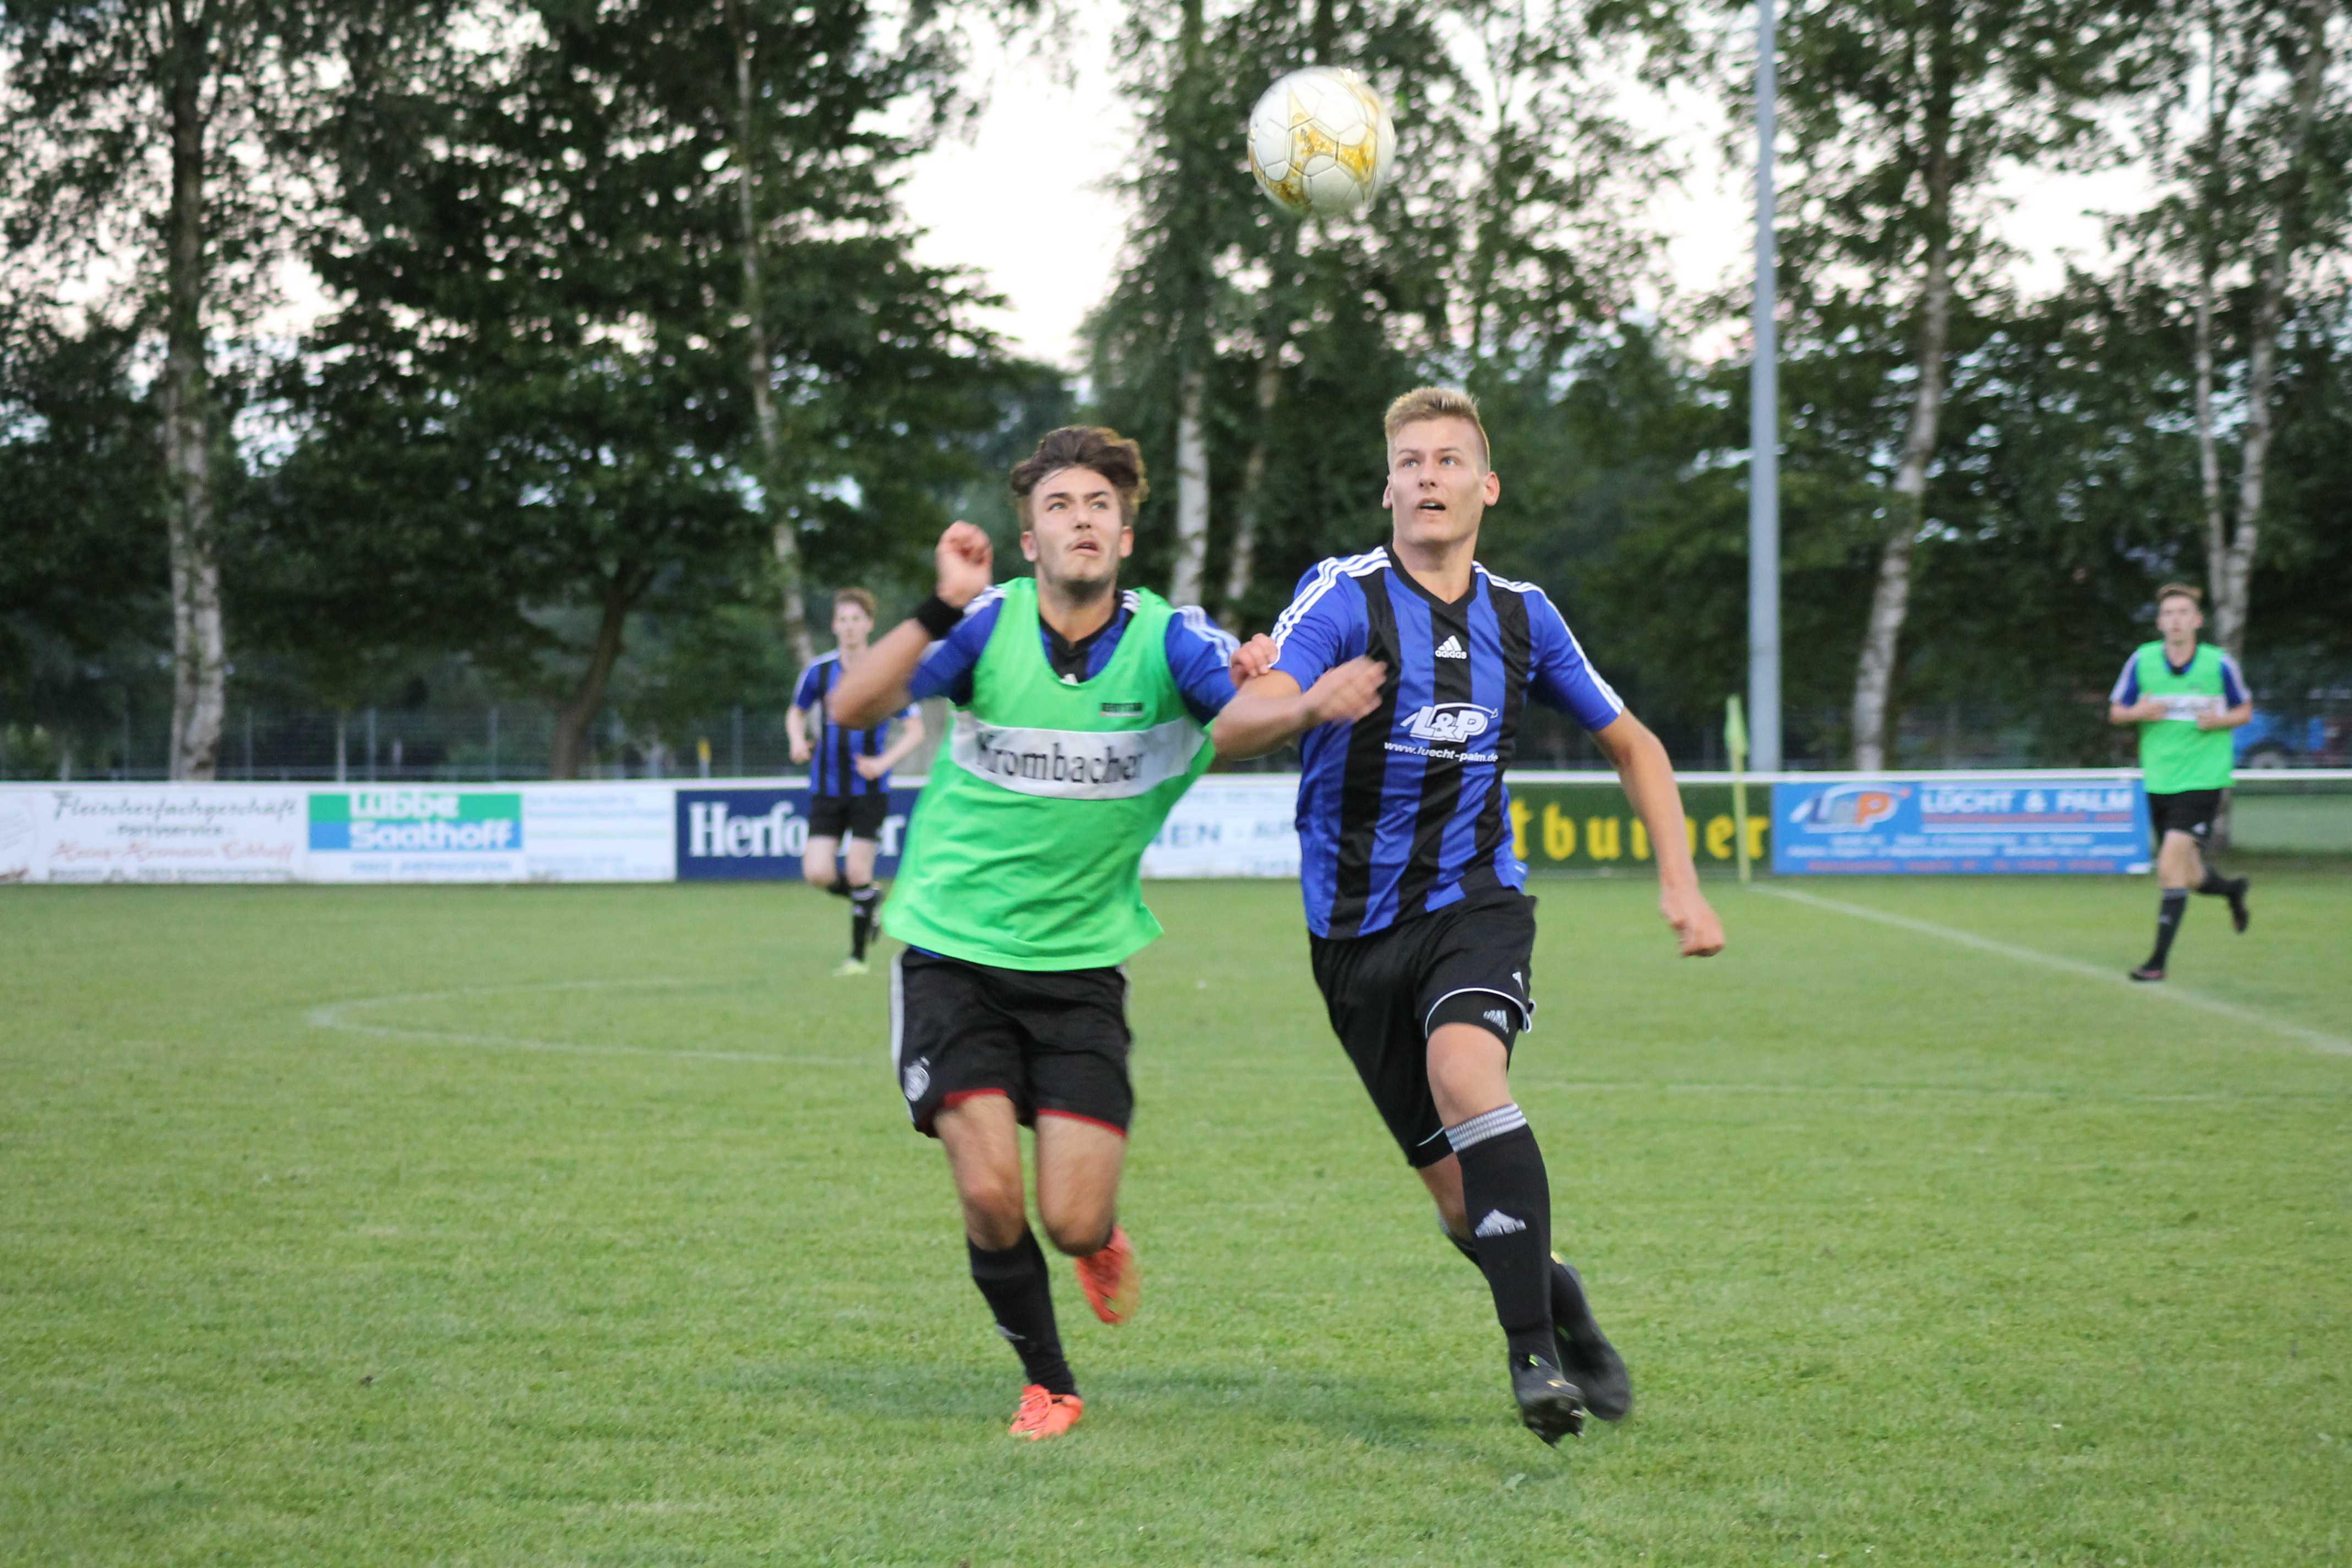 2016-08-03 Sportwoche - zweiter Mittwoch - 1. Herrenturnier (26)